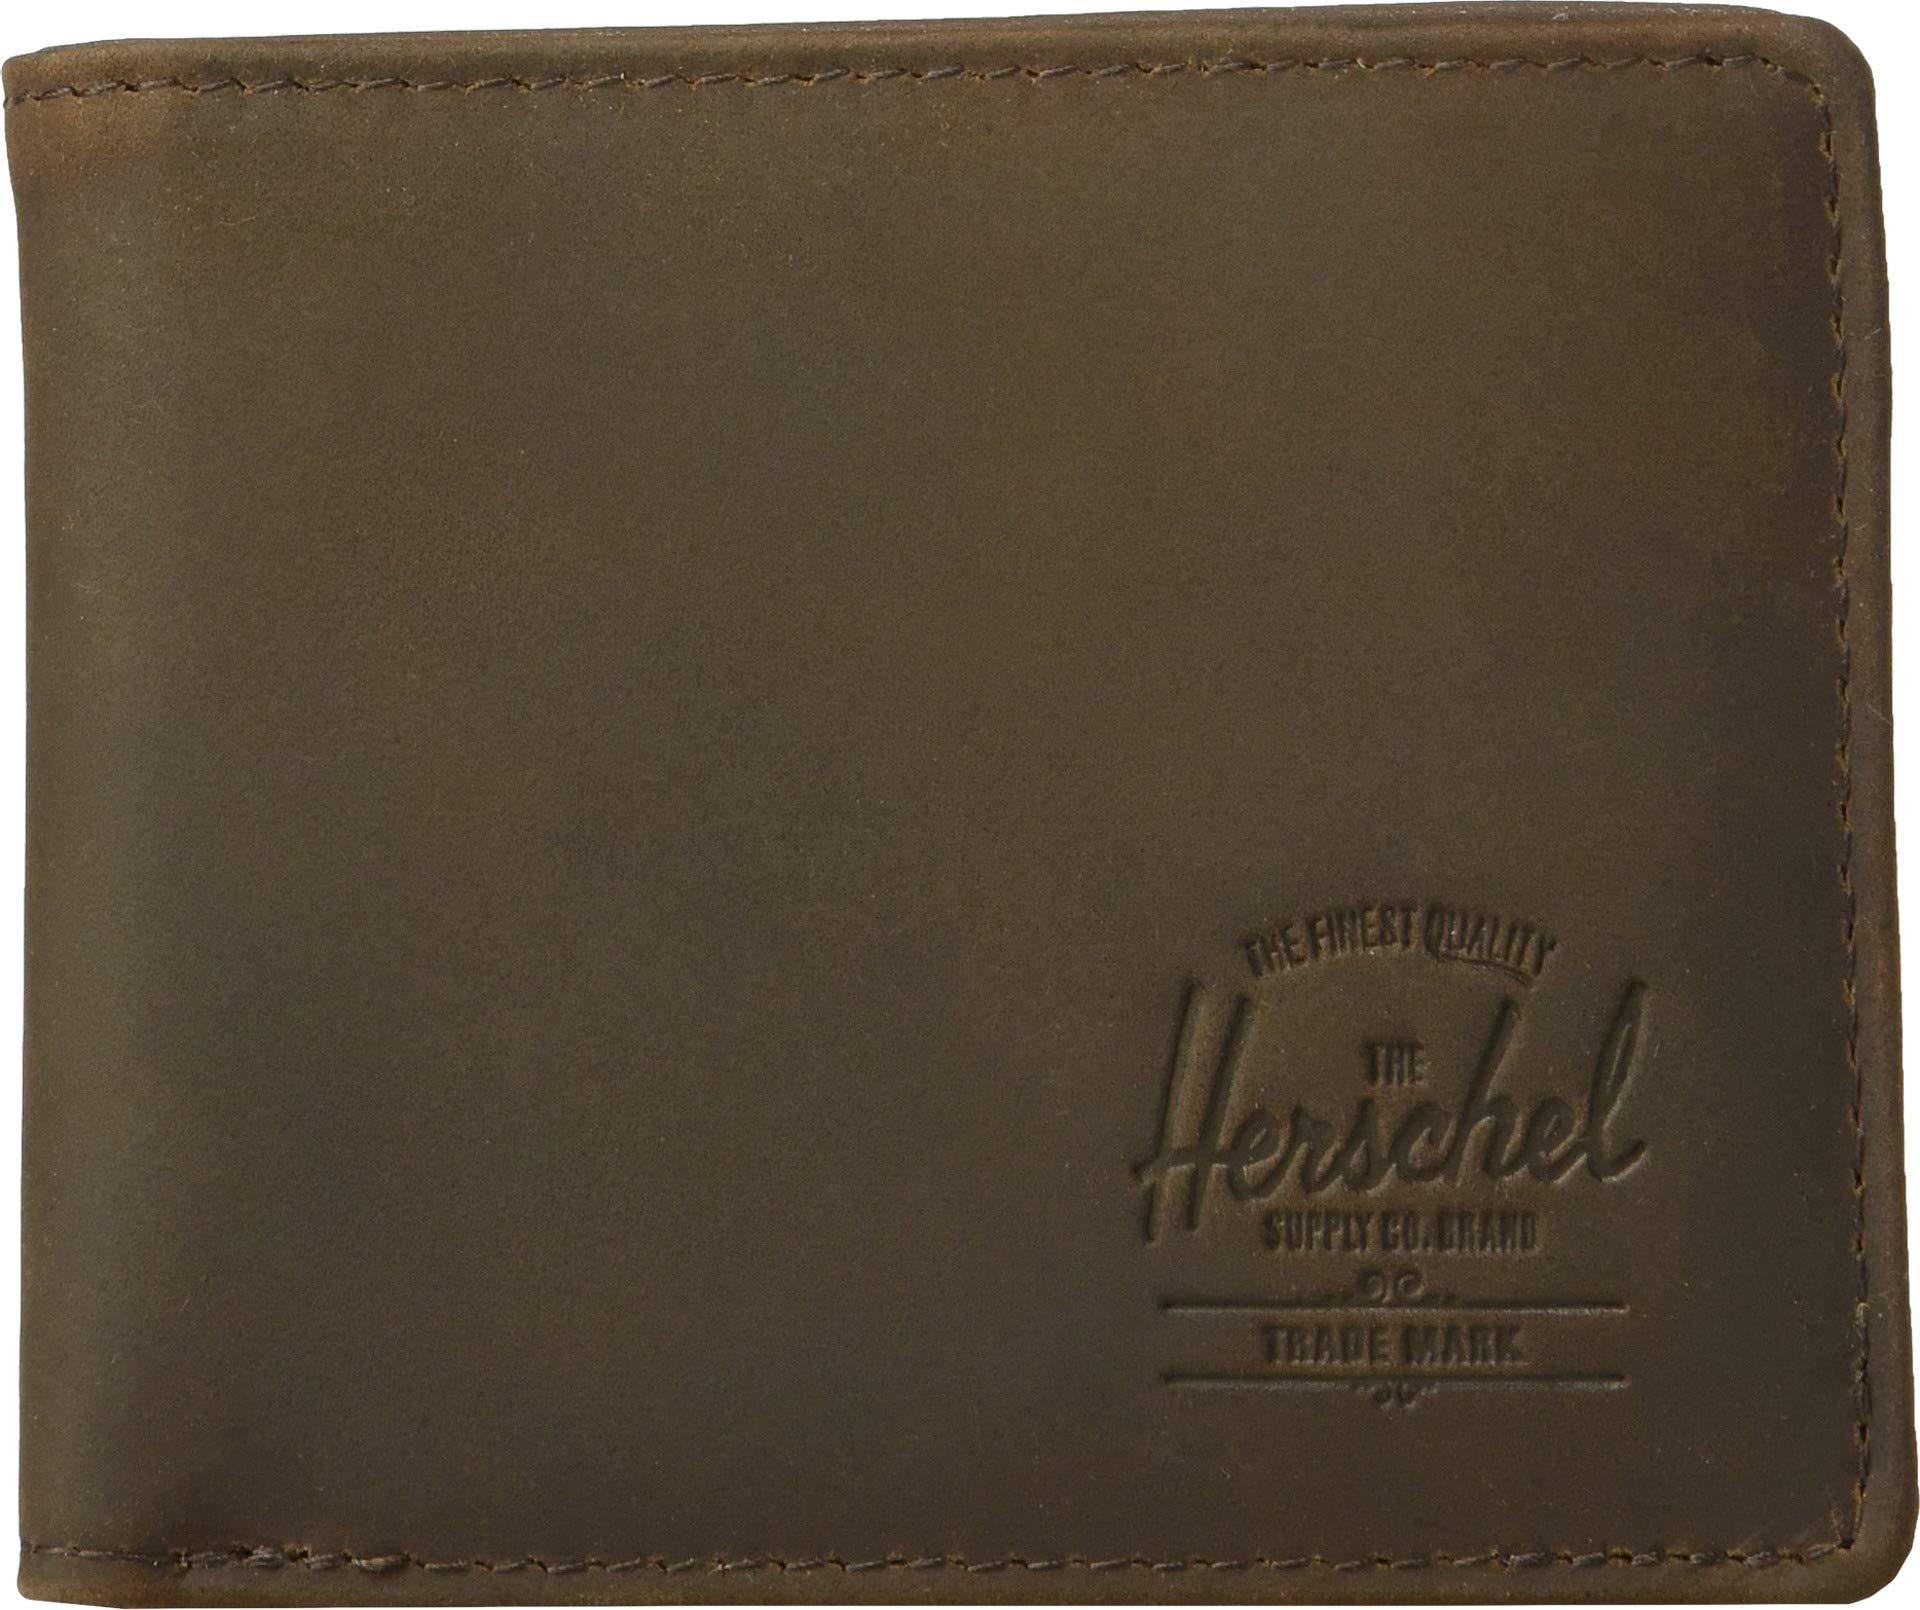 Herschel Unisex-Adult's Hank Leather RFID Wallet, nubuck brown, One Size by Herschel